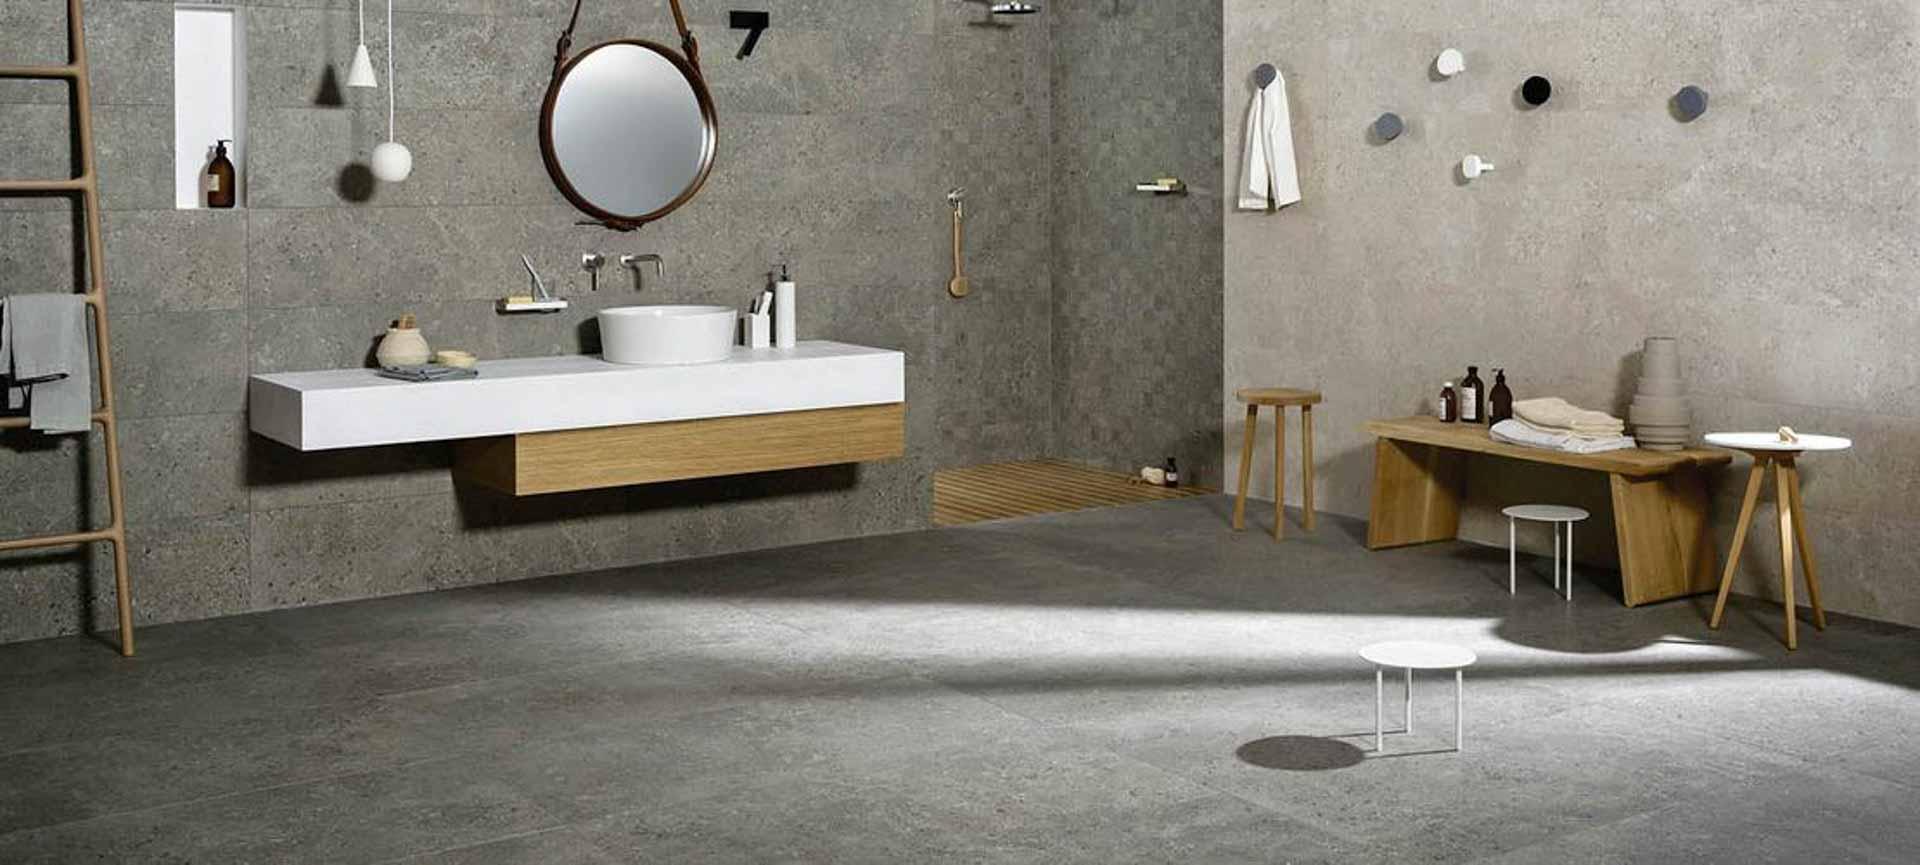 L 39 effetto pietra naturale di marazzi orsolini - Ceramiche bagno marazzi ...